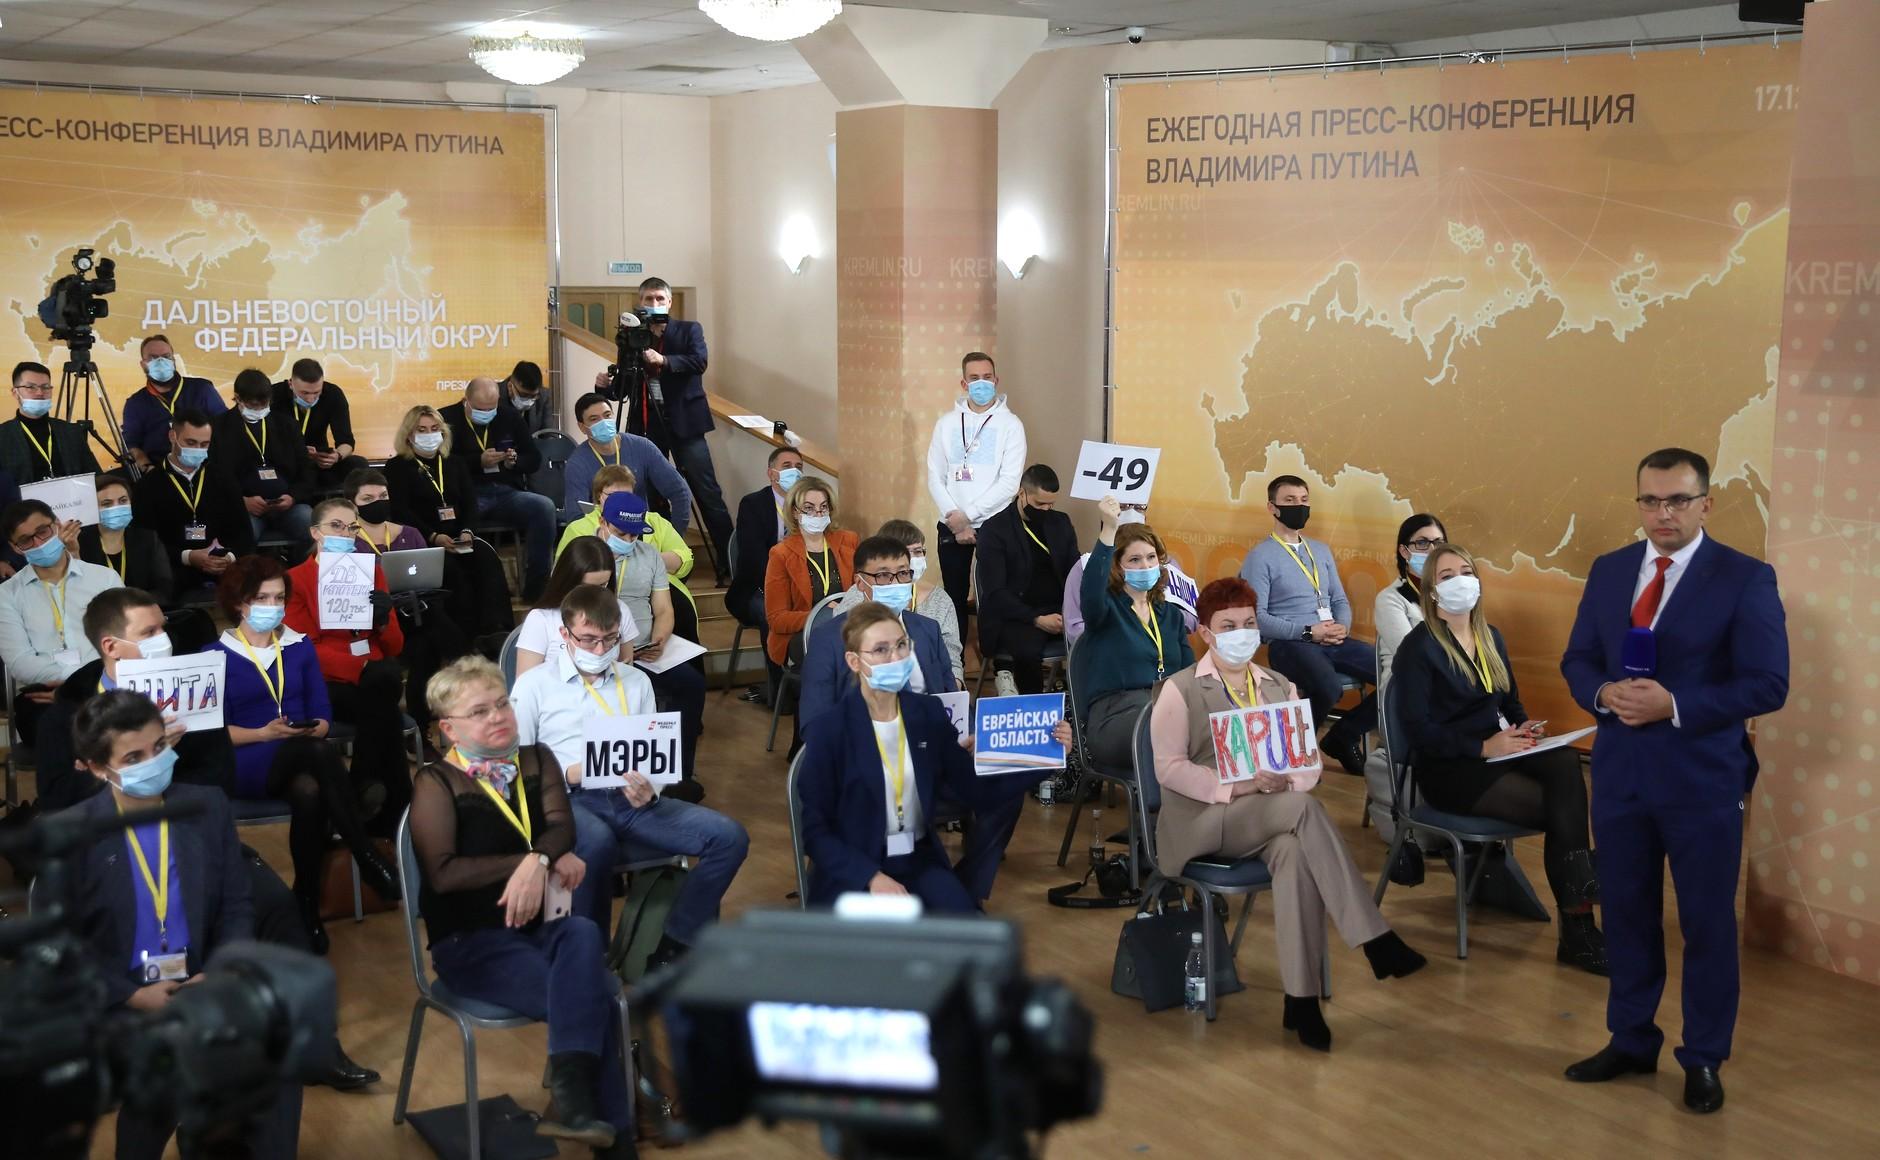 RUSSIE 17.12.2020.CONFERENCE 13 XX 66 Avant le début de la conférence de presse annuelle de Vladimir Poutine.